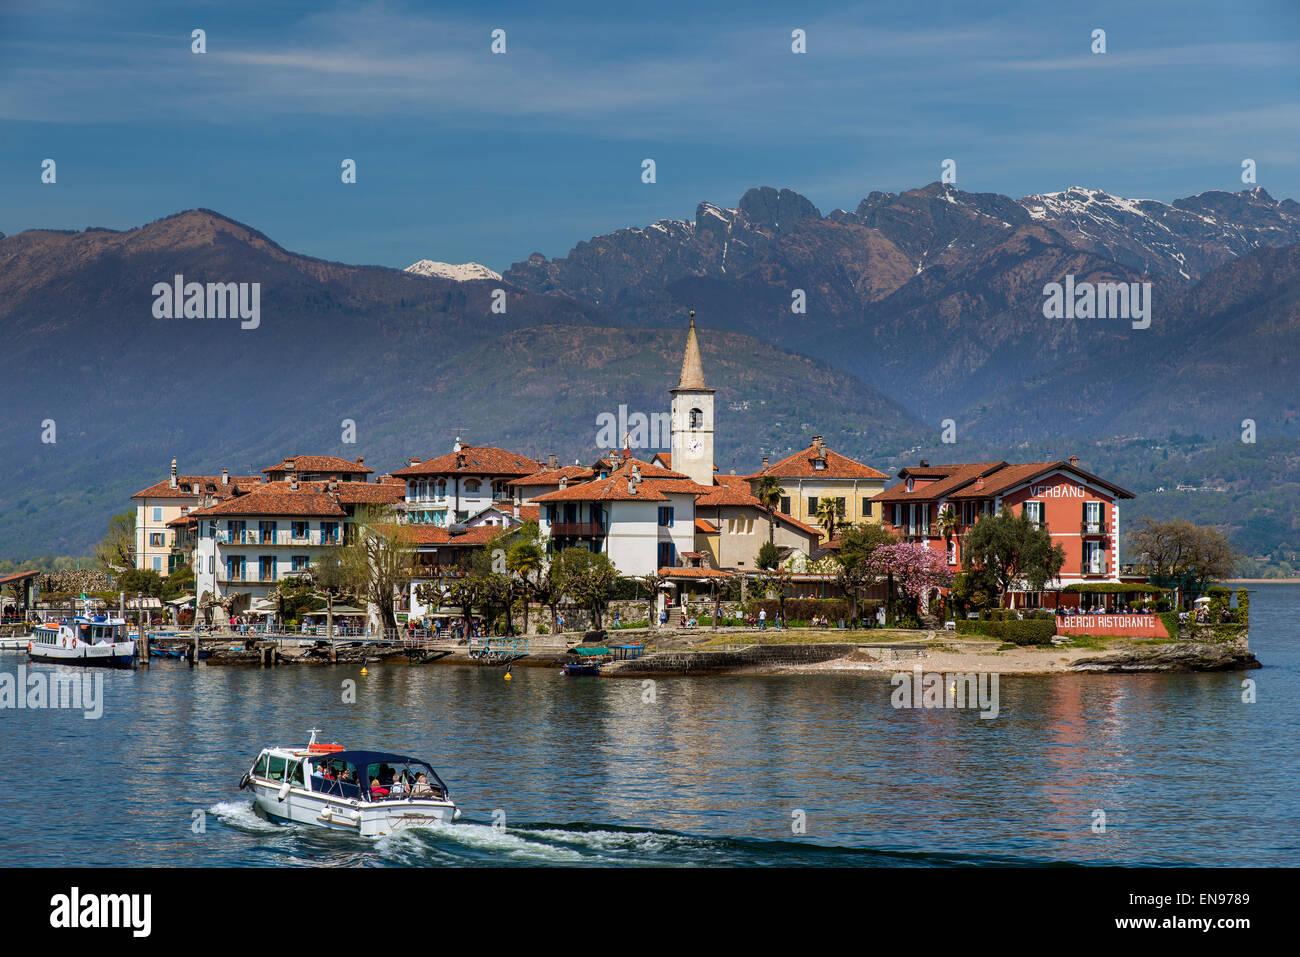 Isola dei Pescatori or Fishermen's Islands, Isole Borromee or Borromean Islands, Lake Maggiore, Piedmont, Italy - Stock Image